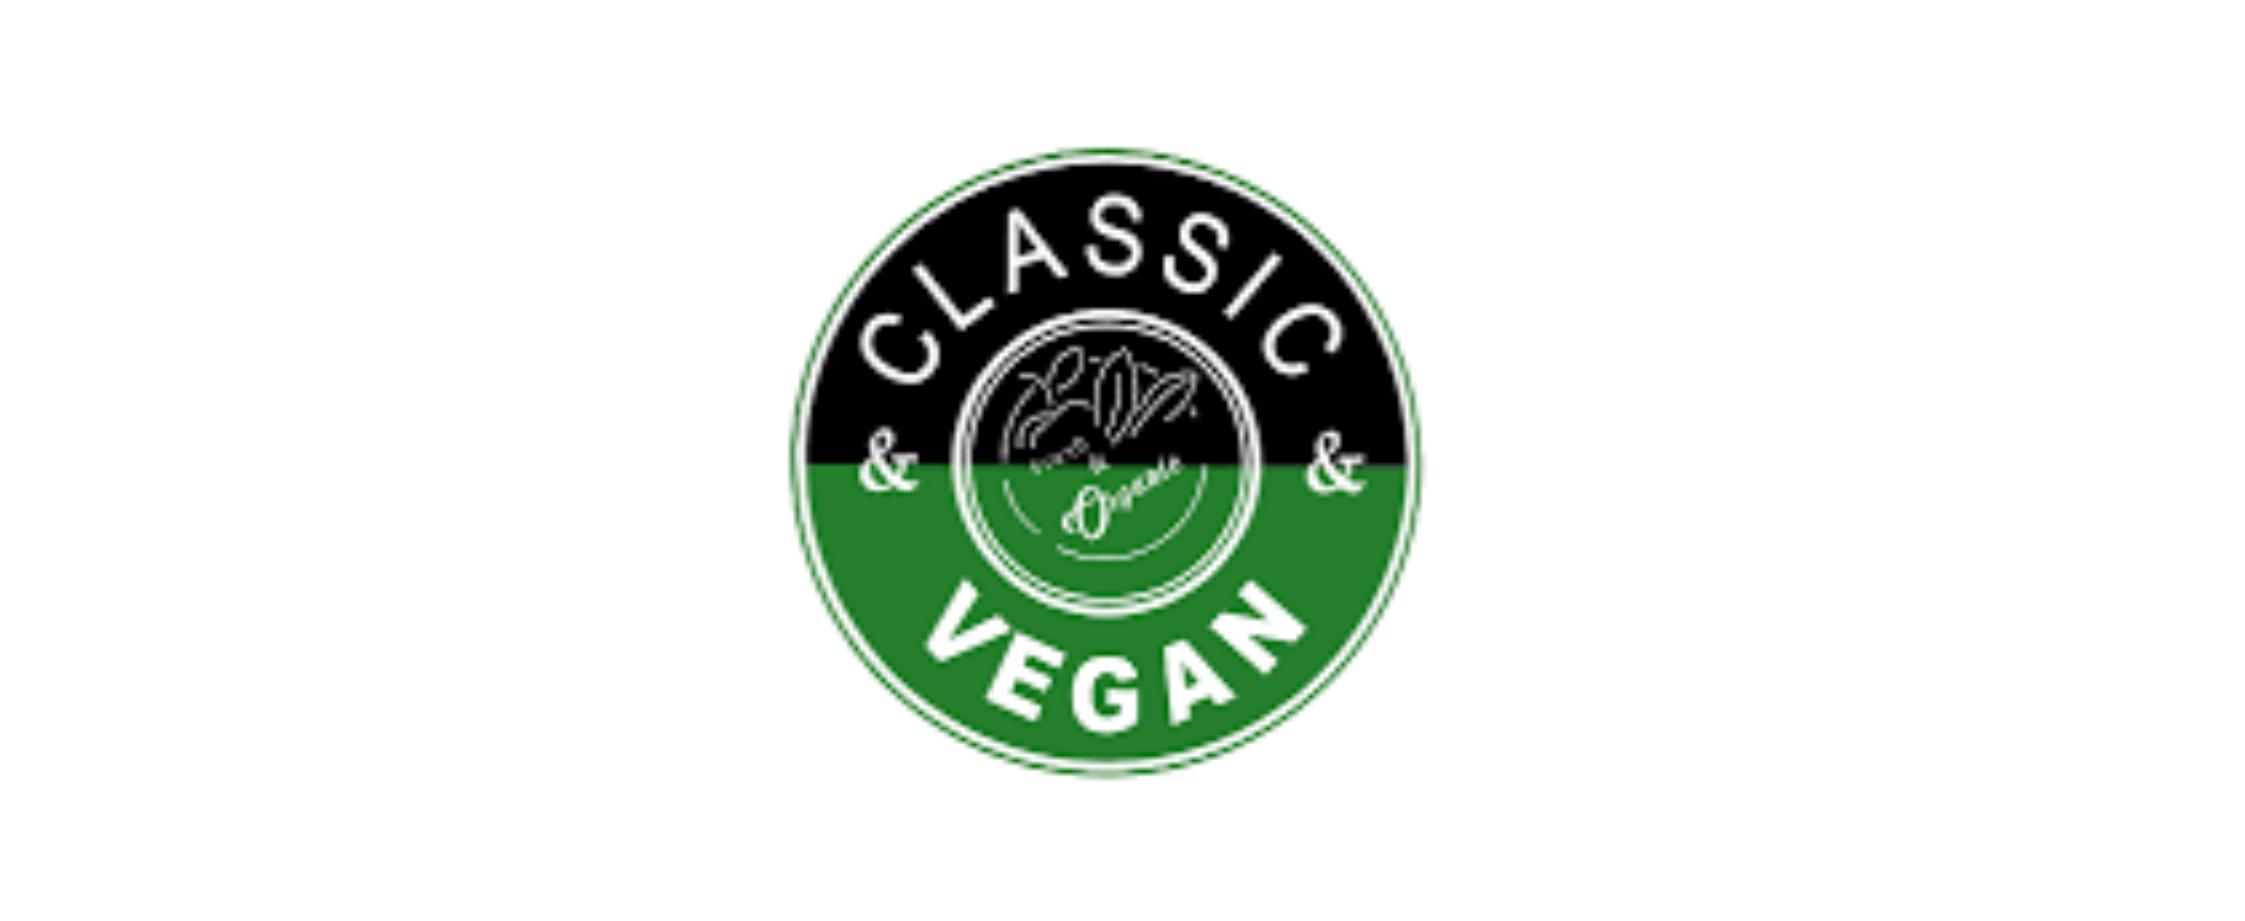 Classic&vegan